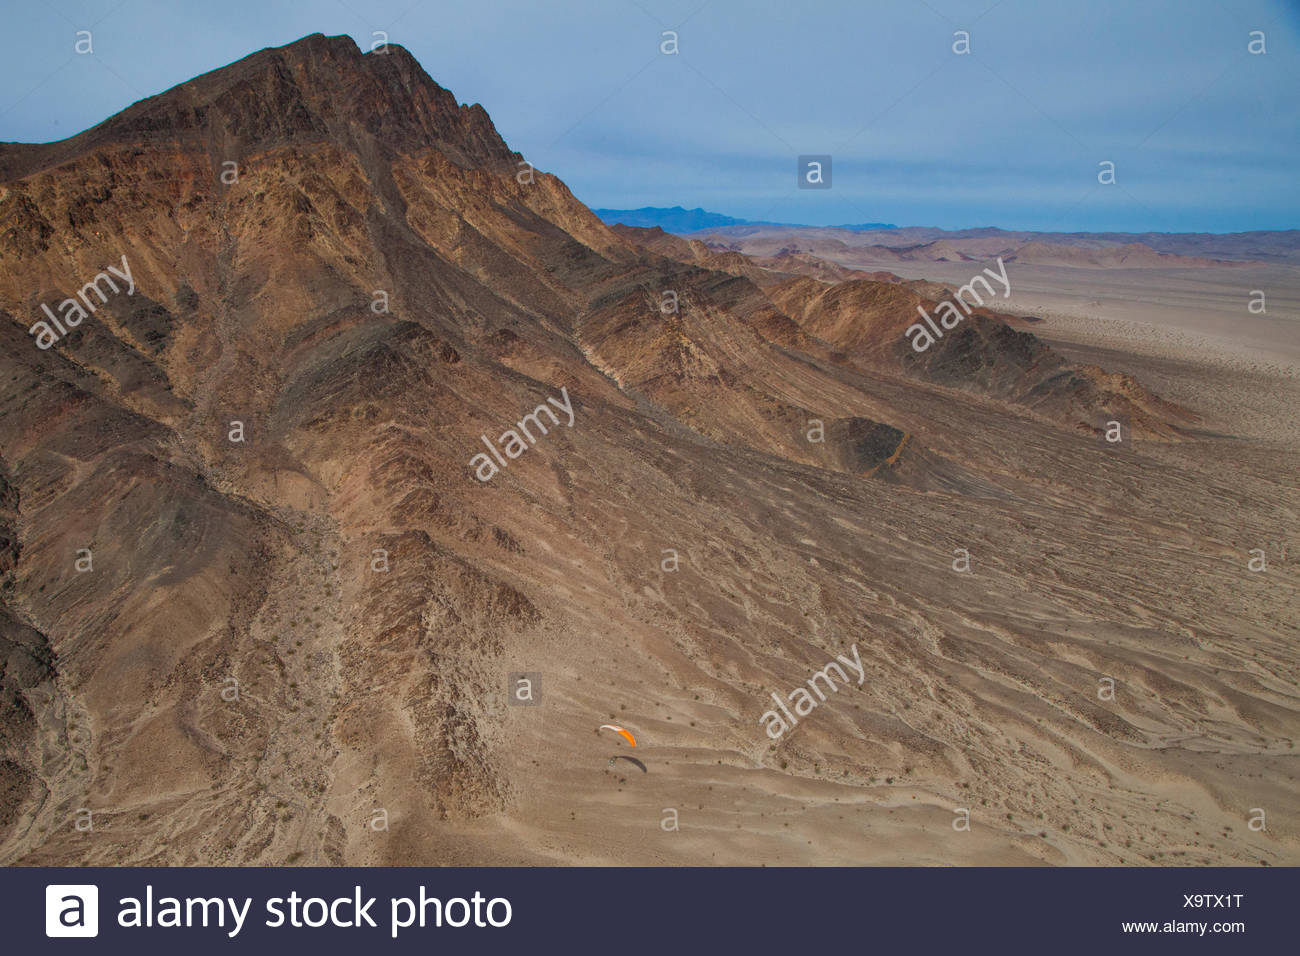 Flying a motorized paraglider over the Mojave Desert near Dumont Dunes, California. - Stock Image